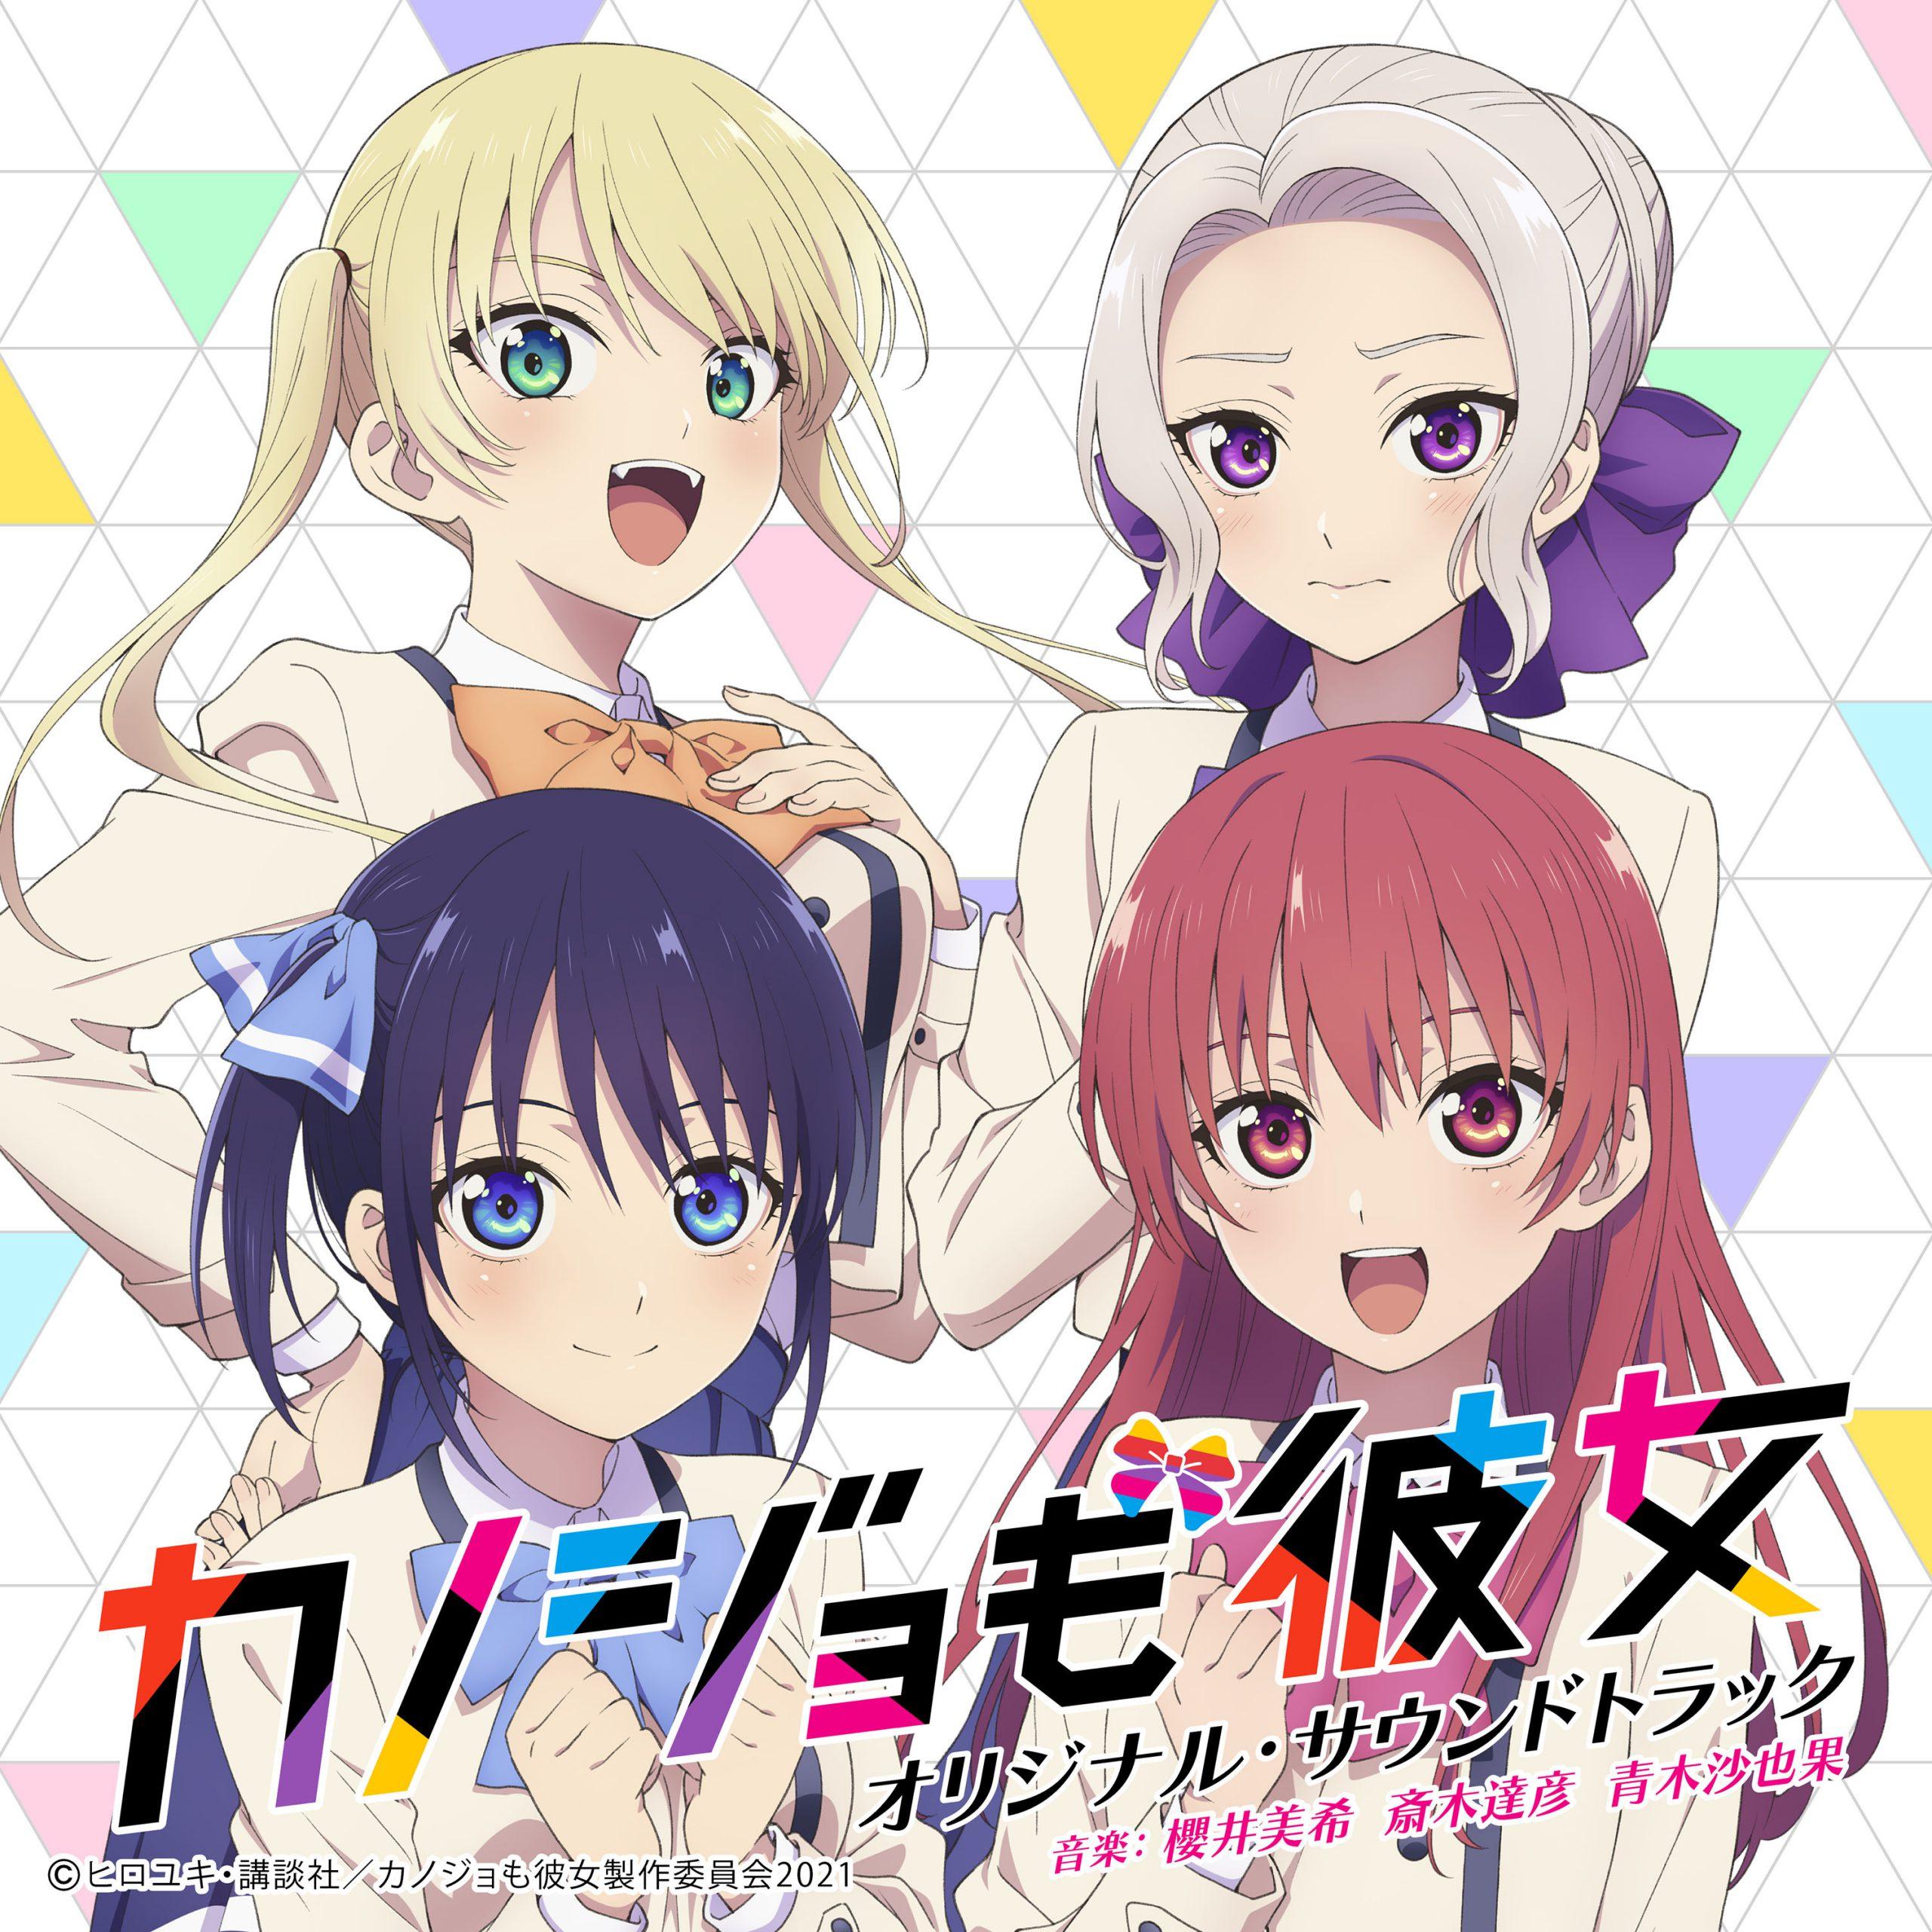 櫻井美希、斉木達彦、青木沙也果が音楽を担当した、TVアニメ「カノジョも彼女」オリジナル・サウンドトラックが9月22日(水)より絶賛配信中!